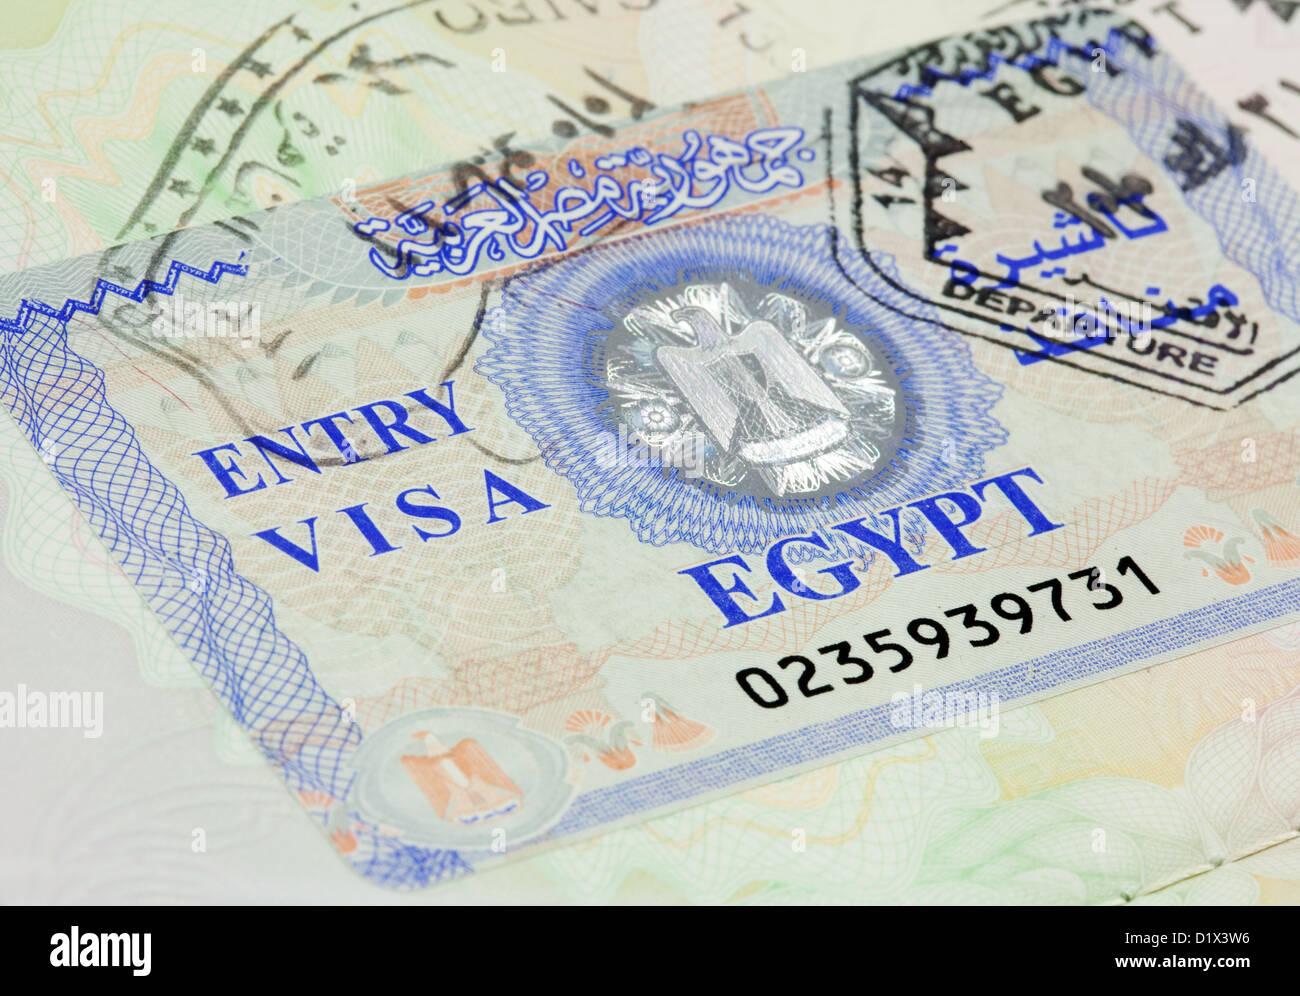 L'Egypte visa d'entrée pour les voyages vacances dans un passeport britannique Photo Stock